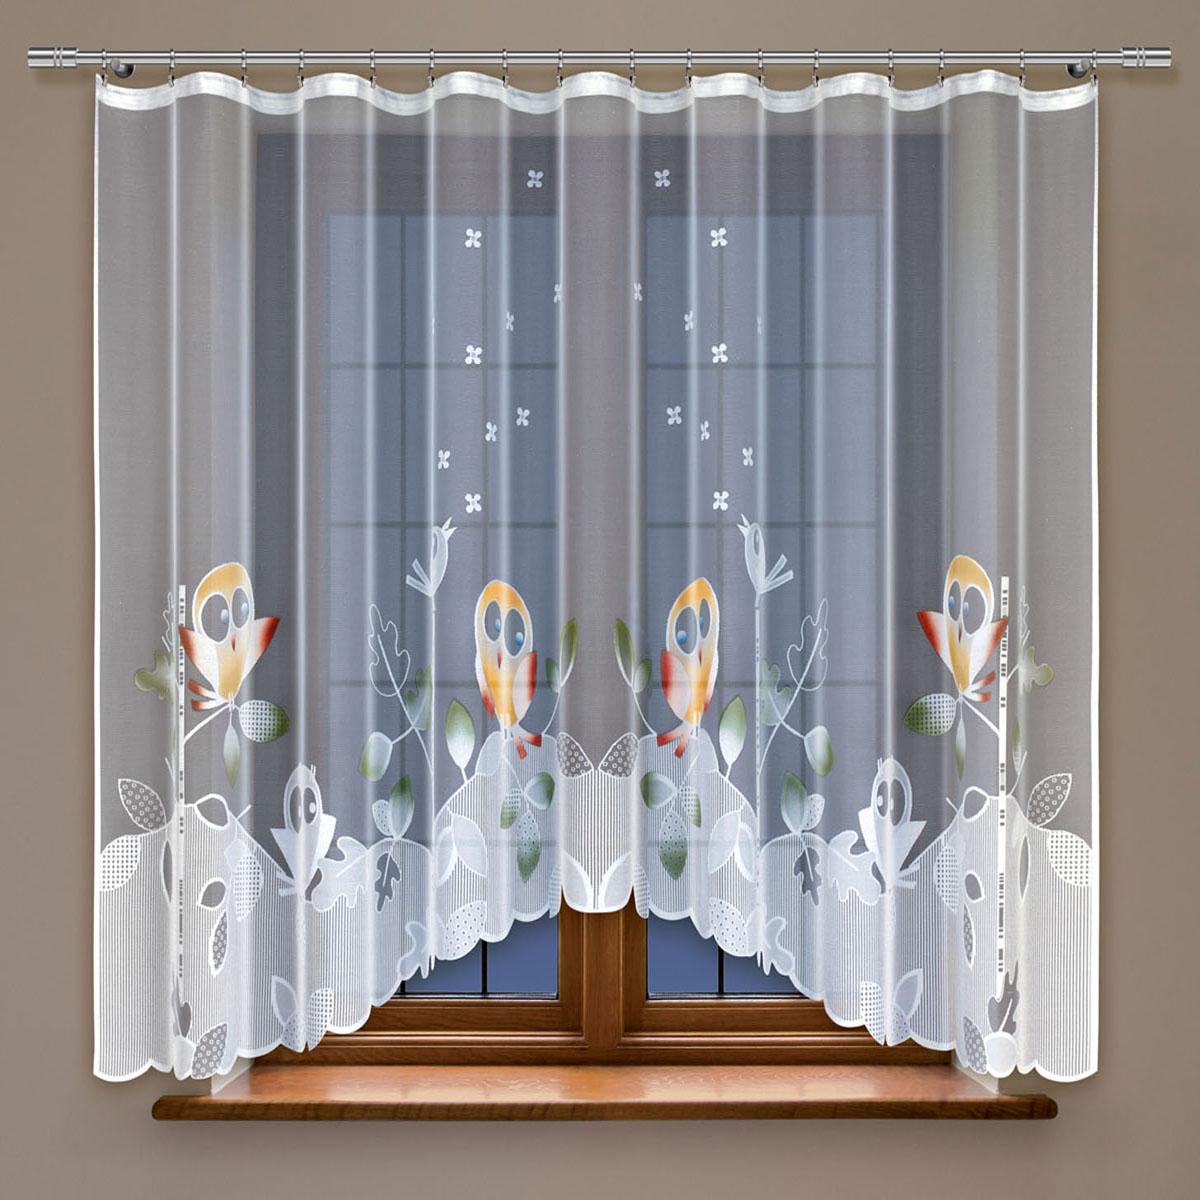 Гардина Haft, на ленте, цвет: белый, высота 160 см. 213970213970/160Гардина Haft, изготовленная из полиэстера, станет великолепным украшением любого окна. Тонкое плетение и оригинальный дизайн привлекут к себе внимание. Изделие органично впишется в интерьер. Гардина крепится на карниз при помощи ленты, которая поможет красиво и равномерно задрапировать верх.